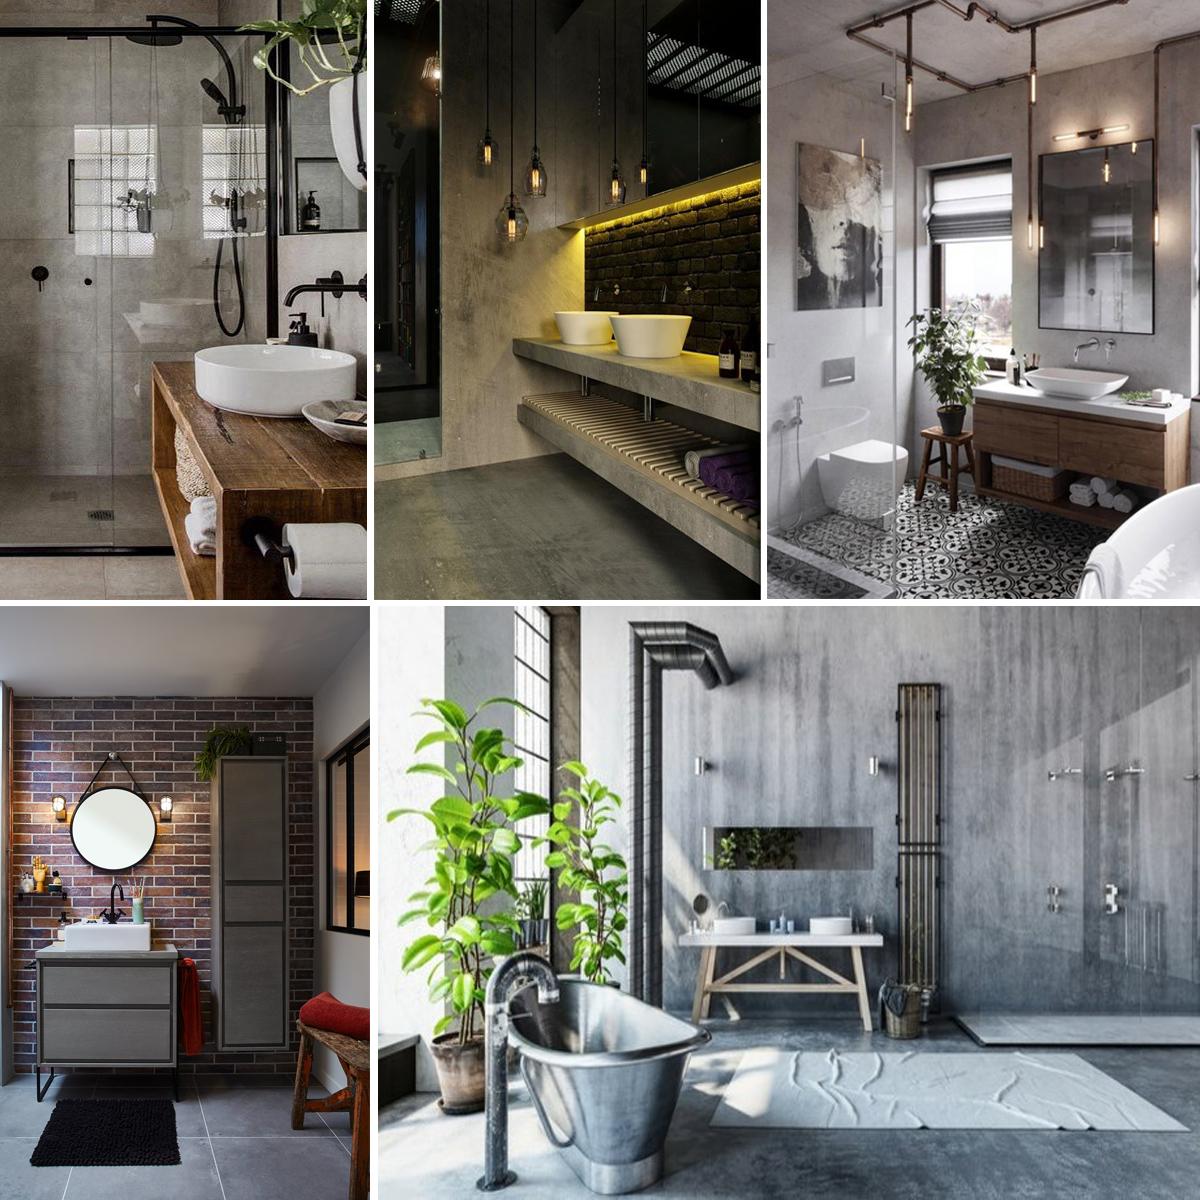 Salle De Bain Brique une ambiance industrielle dans la salle de bain | madame décore